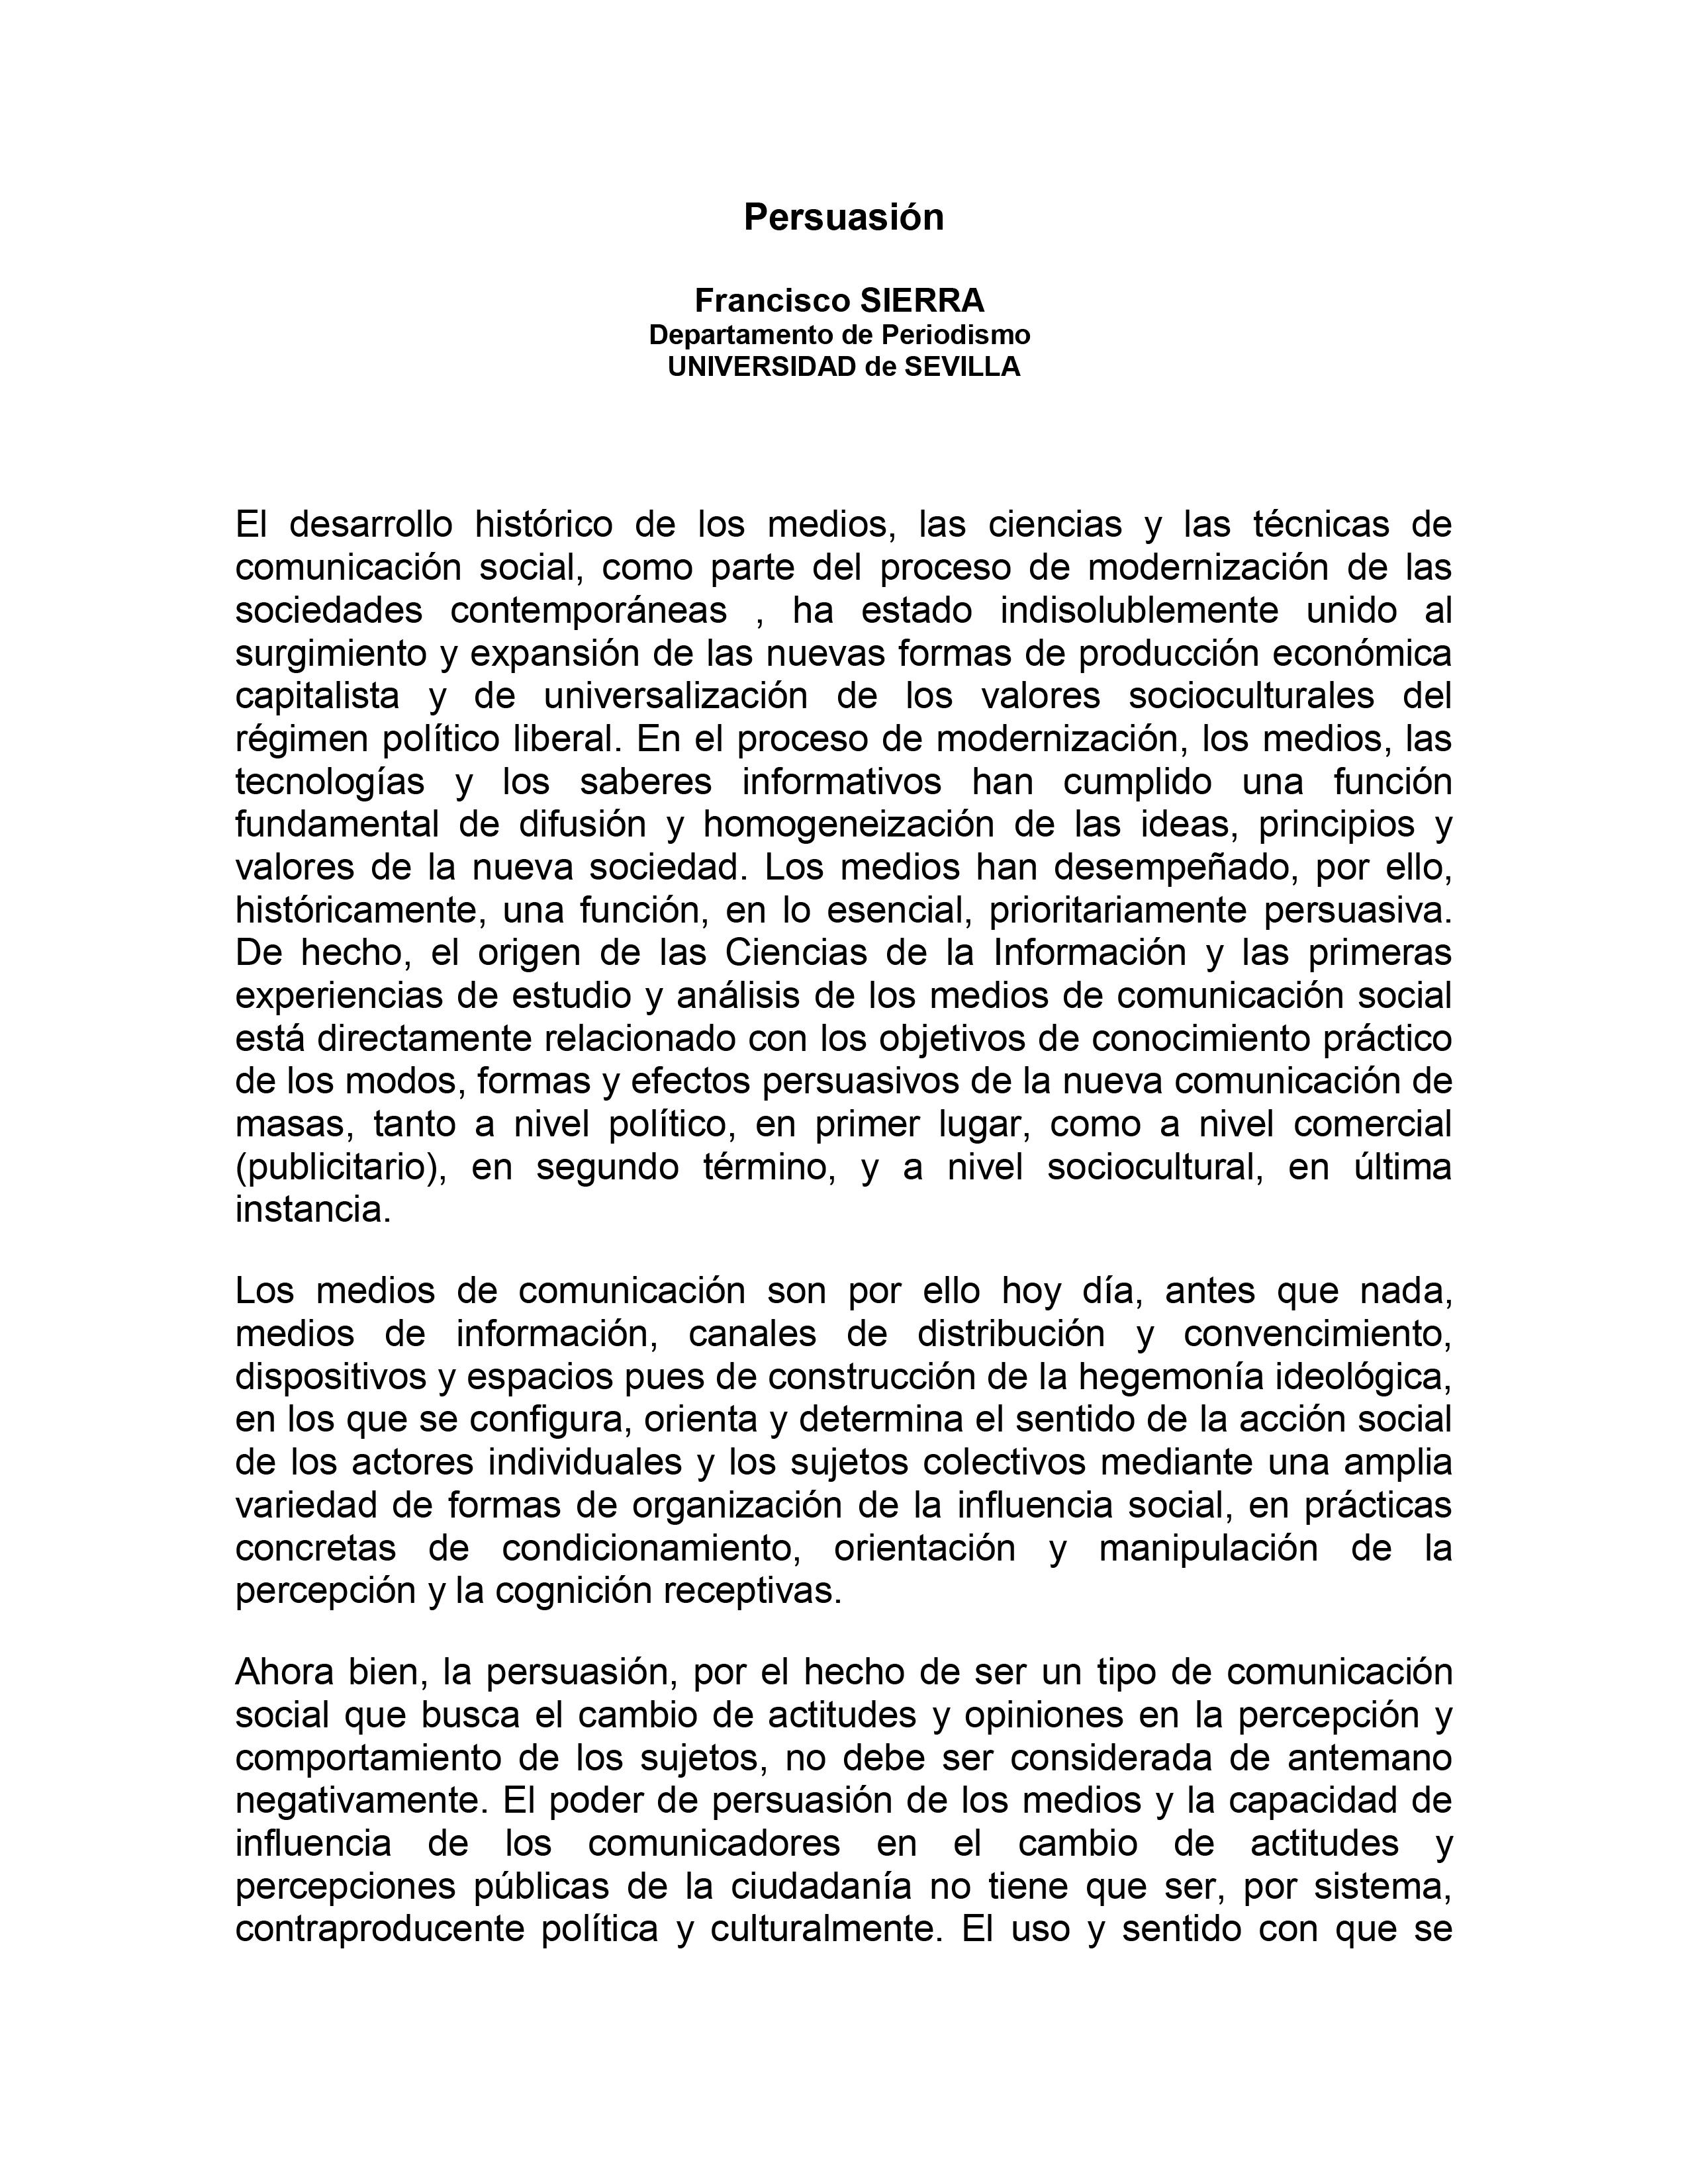 Persuación_UNED_FranciscoSIERRA-1